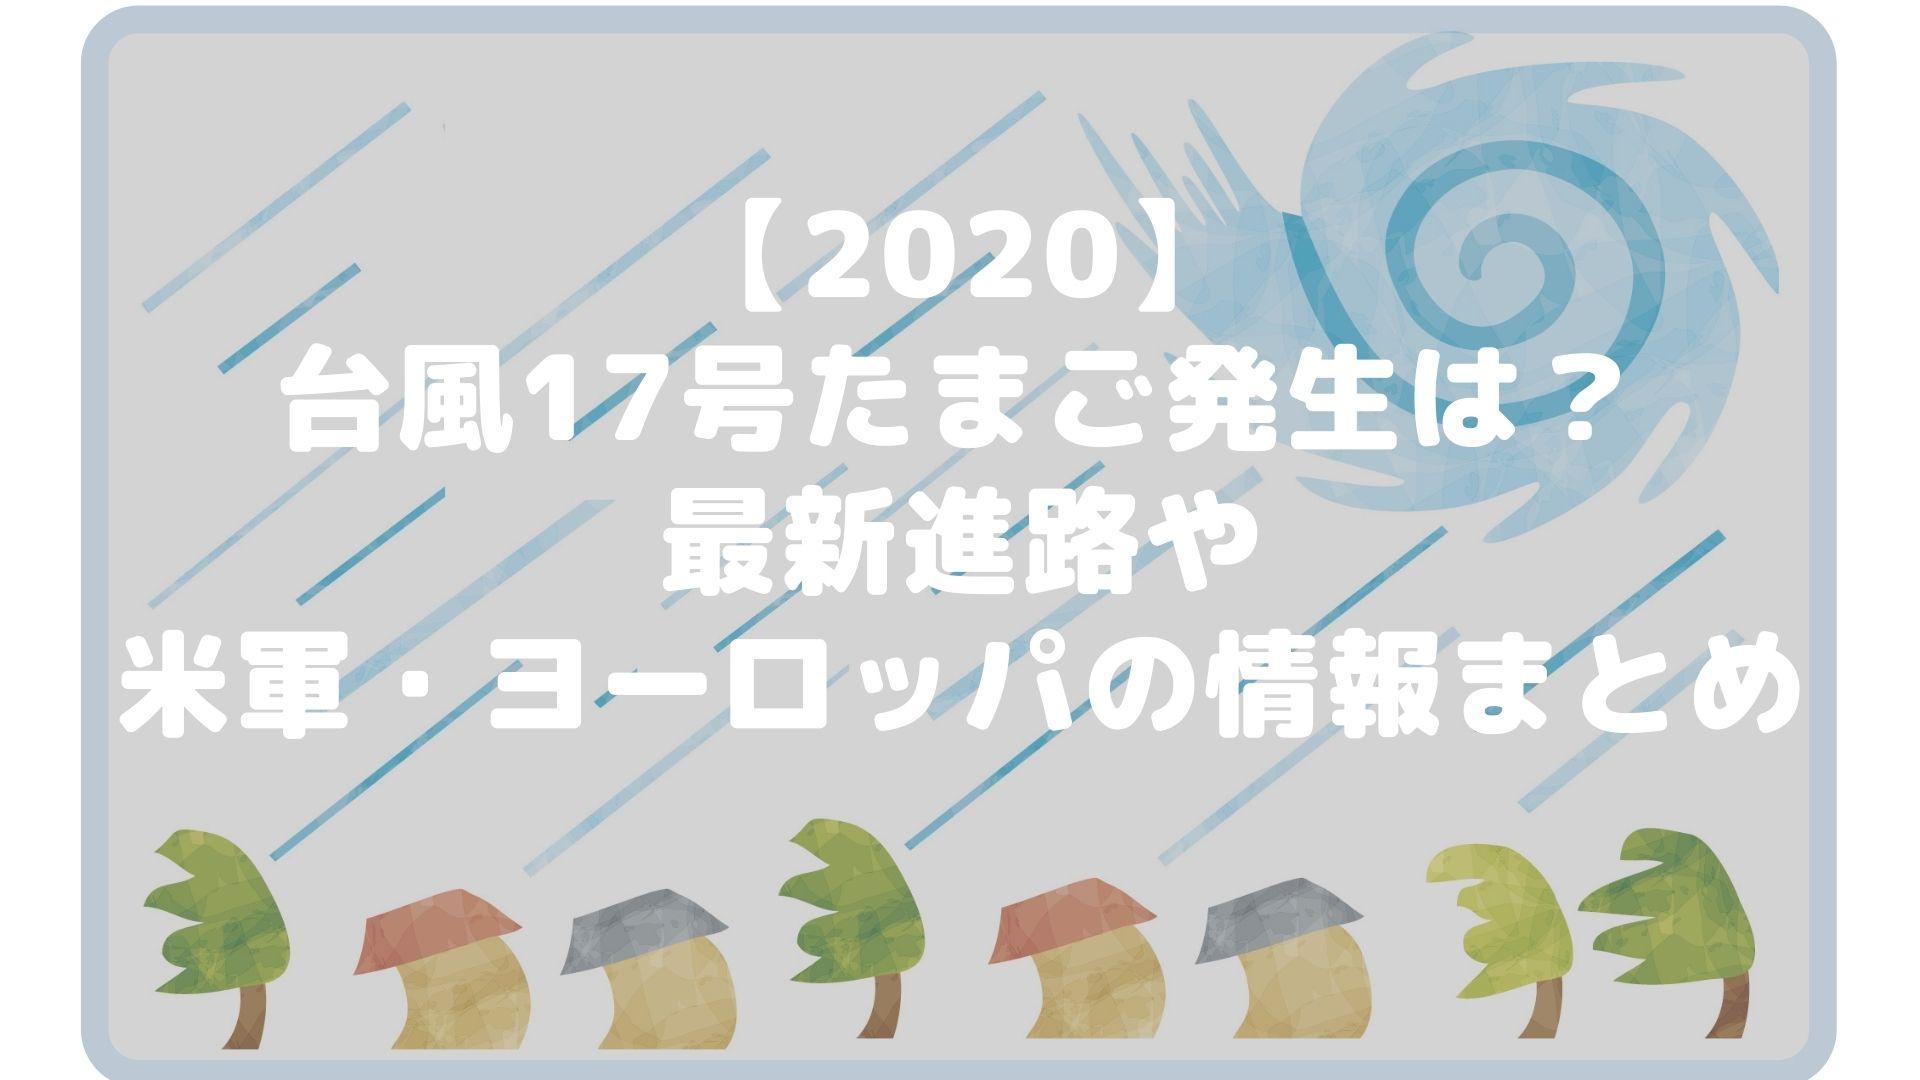 2020年台風17号たまごの発生は?最新進路や米軍・ヨーロッパの情報まとめタイトル画像